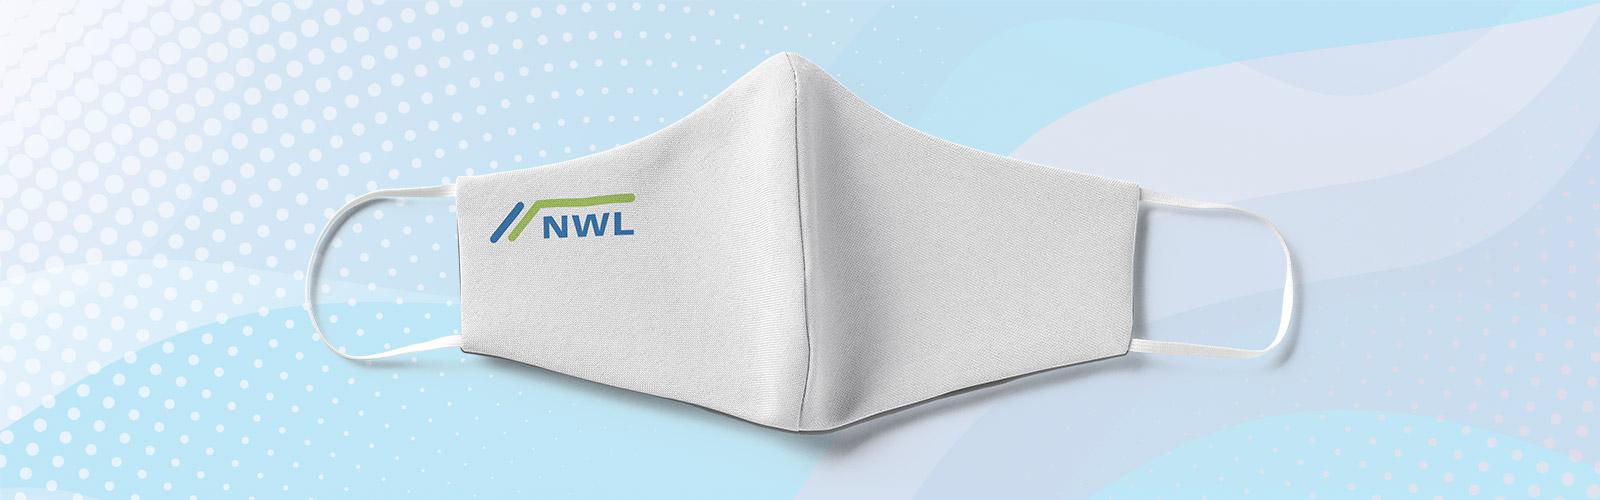 NWL News zur Corona-Pandemie